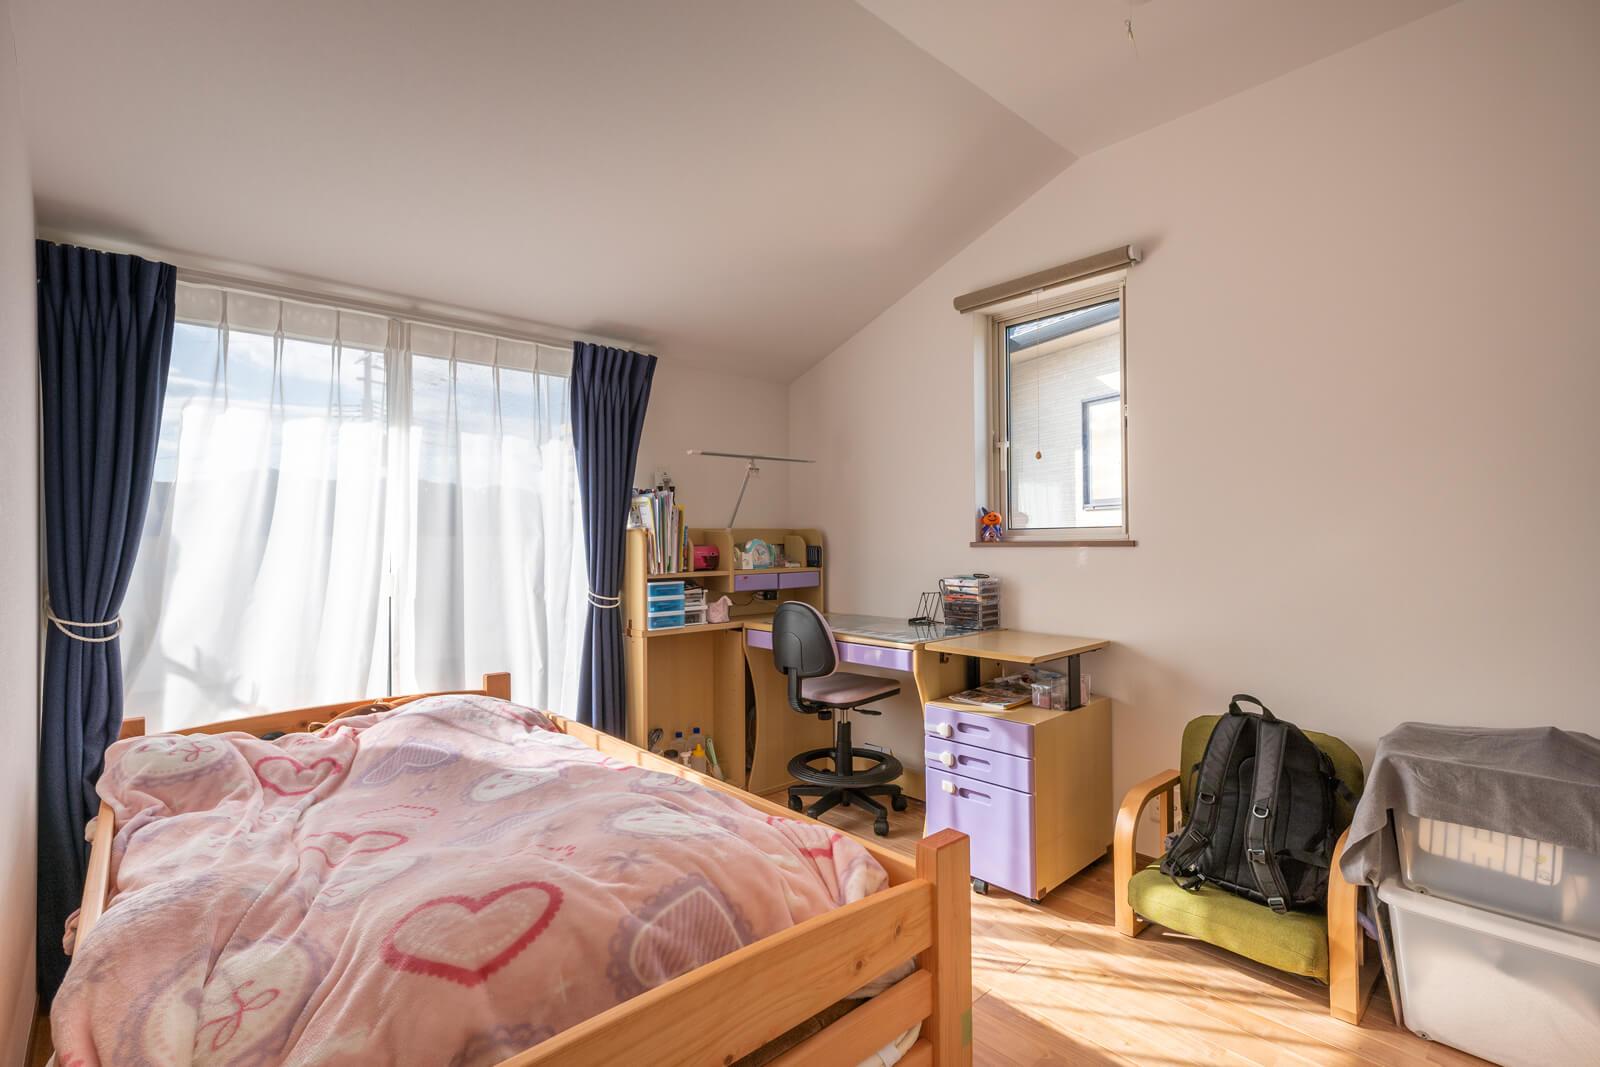 勾配天井の伸びやかさと変化が楽しめる2階の子ども部屋。女の子の部屋らしい柔らかいカラーでコーディネート